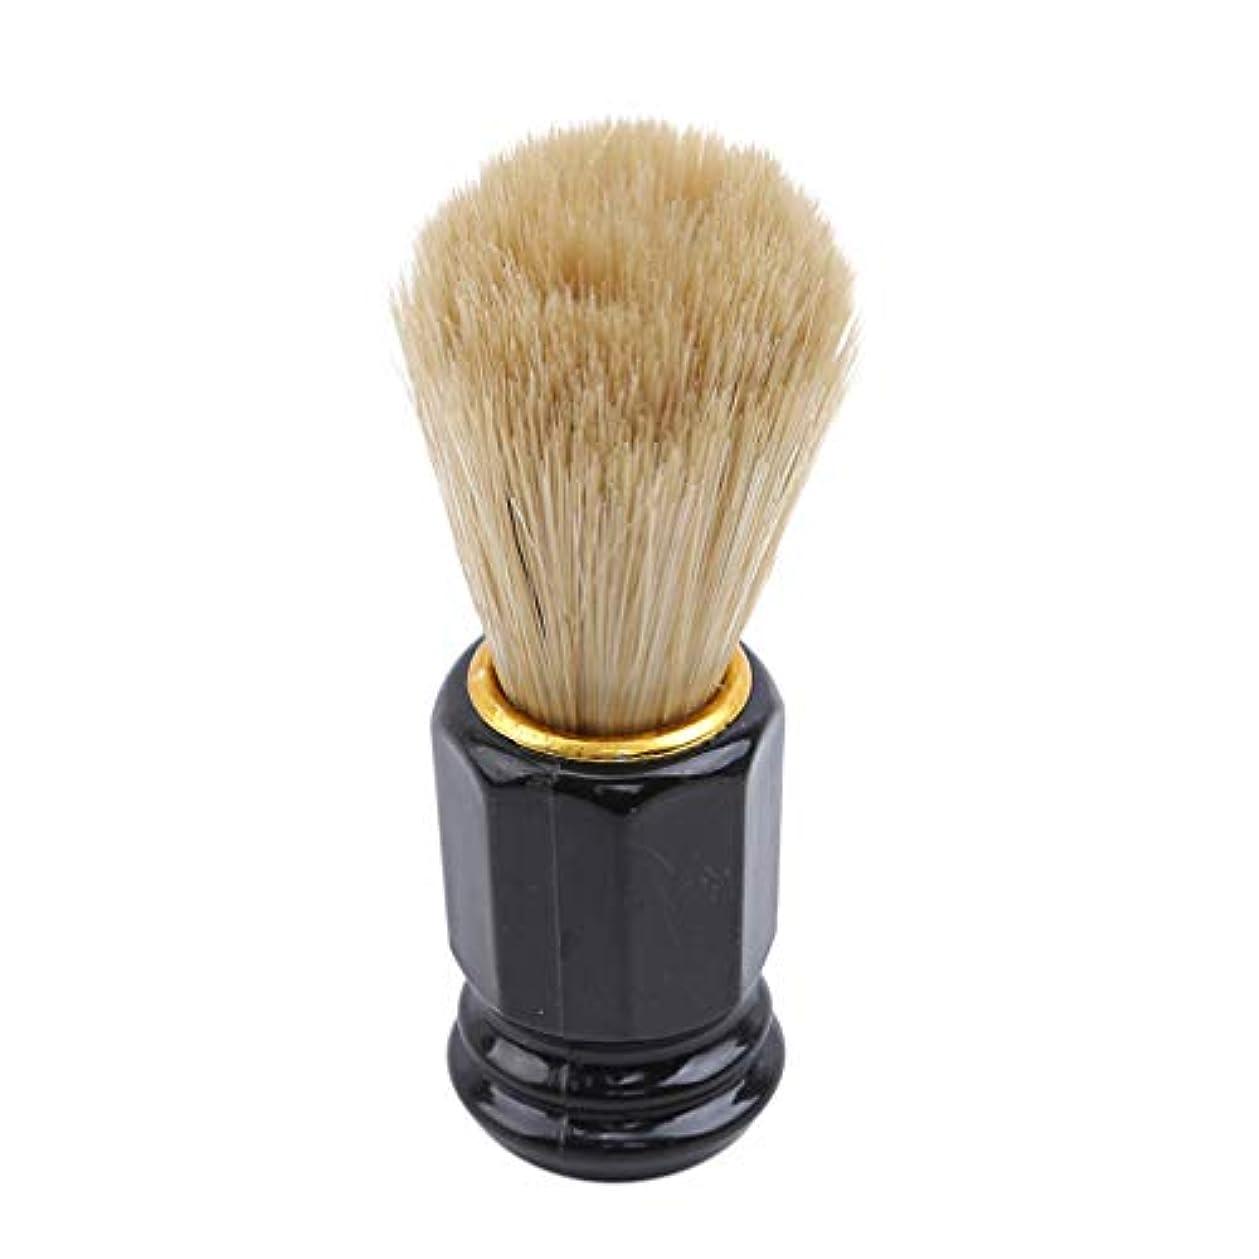 火の色 ひげブラシ シェービングブラシ 美容ツール 理容 洗顔 髭剃り 泡立ち 男性